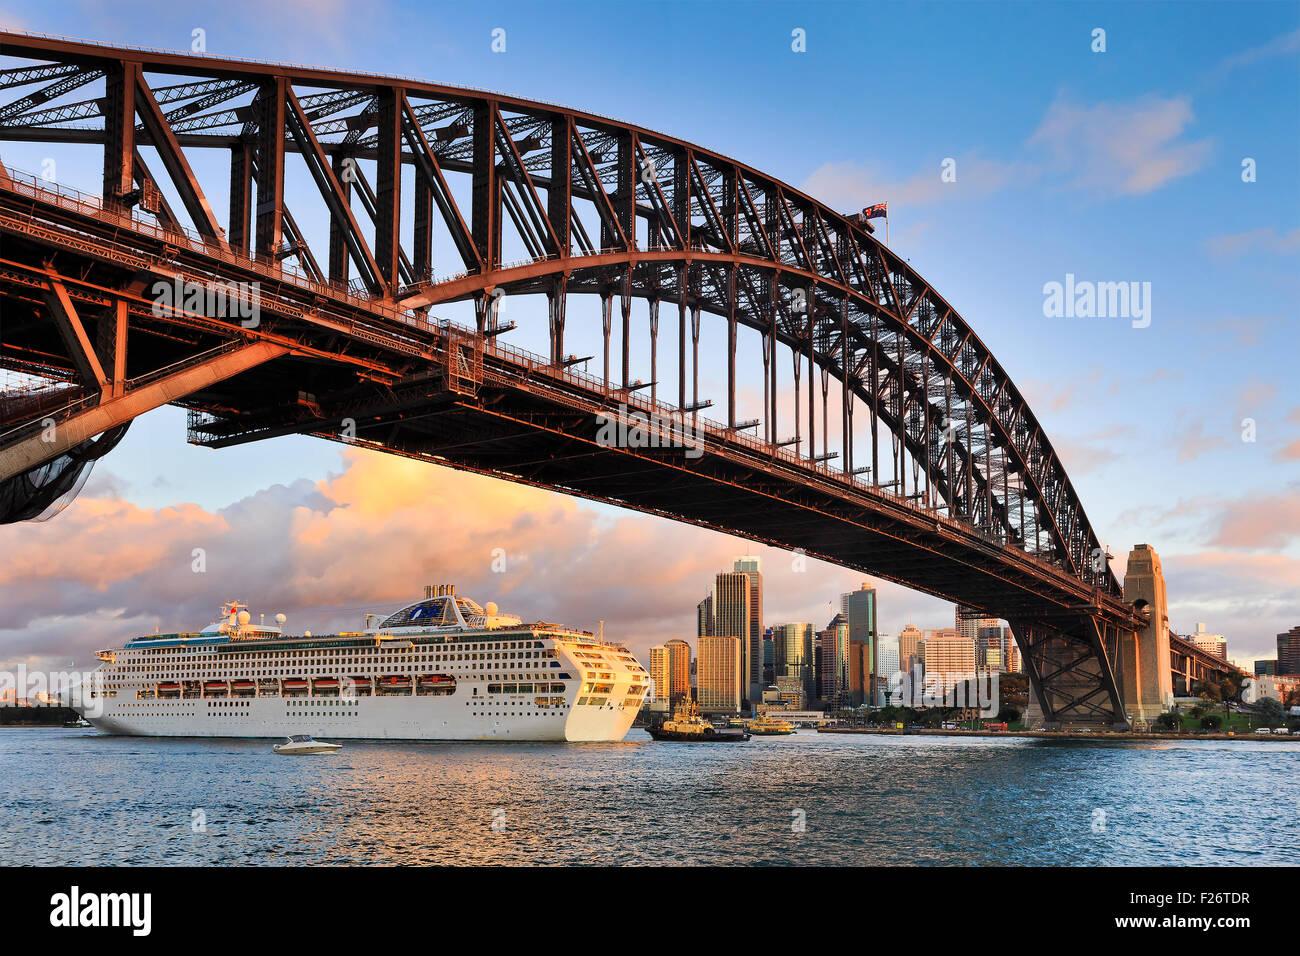 Übergroße Ozean Kreuzfahrtschiff vorbei unter der Sydney Harbour Bridge bei Sonnenuntergang hintergründig Stockbild